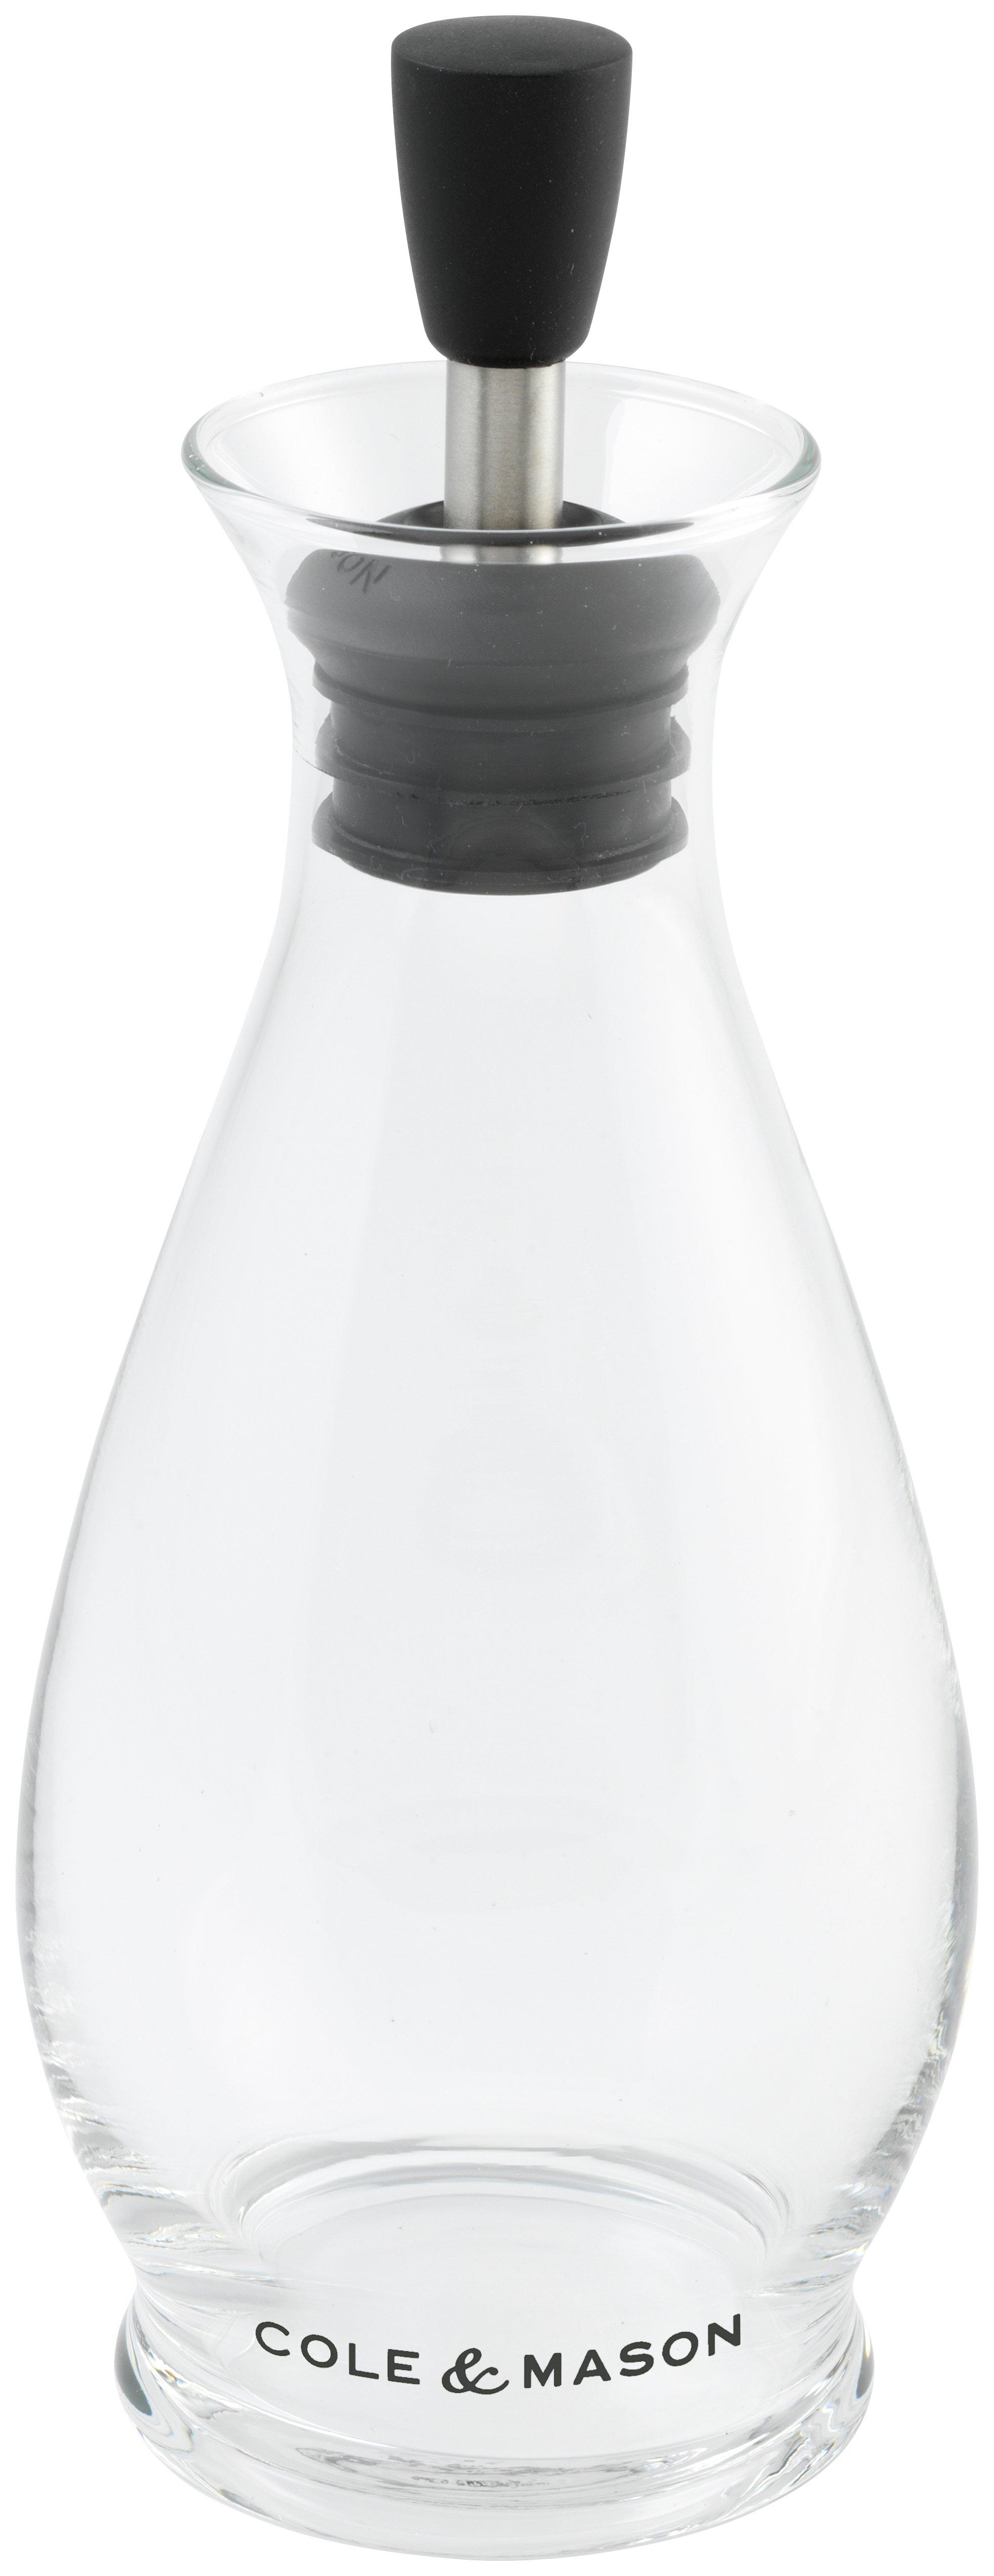 Image of Cole & Mason - Classic Oil/Vinegar Pourer